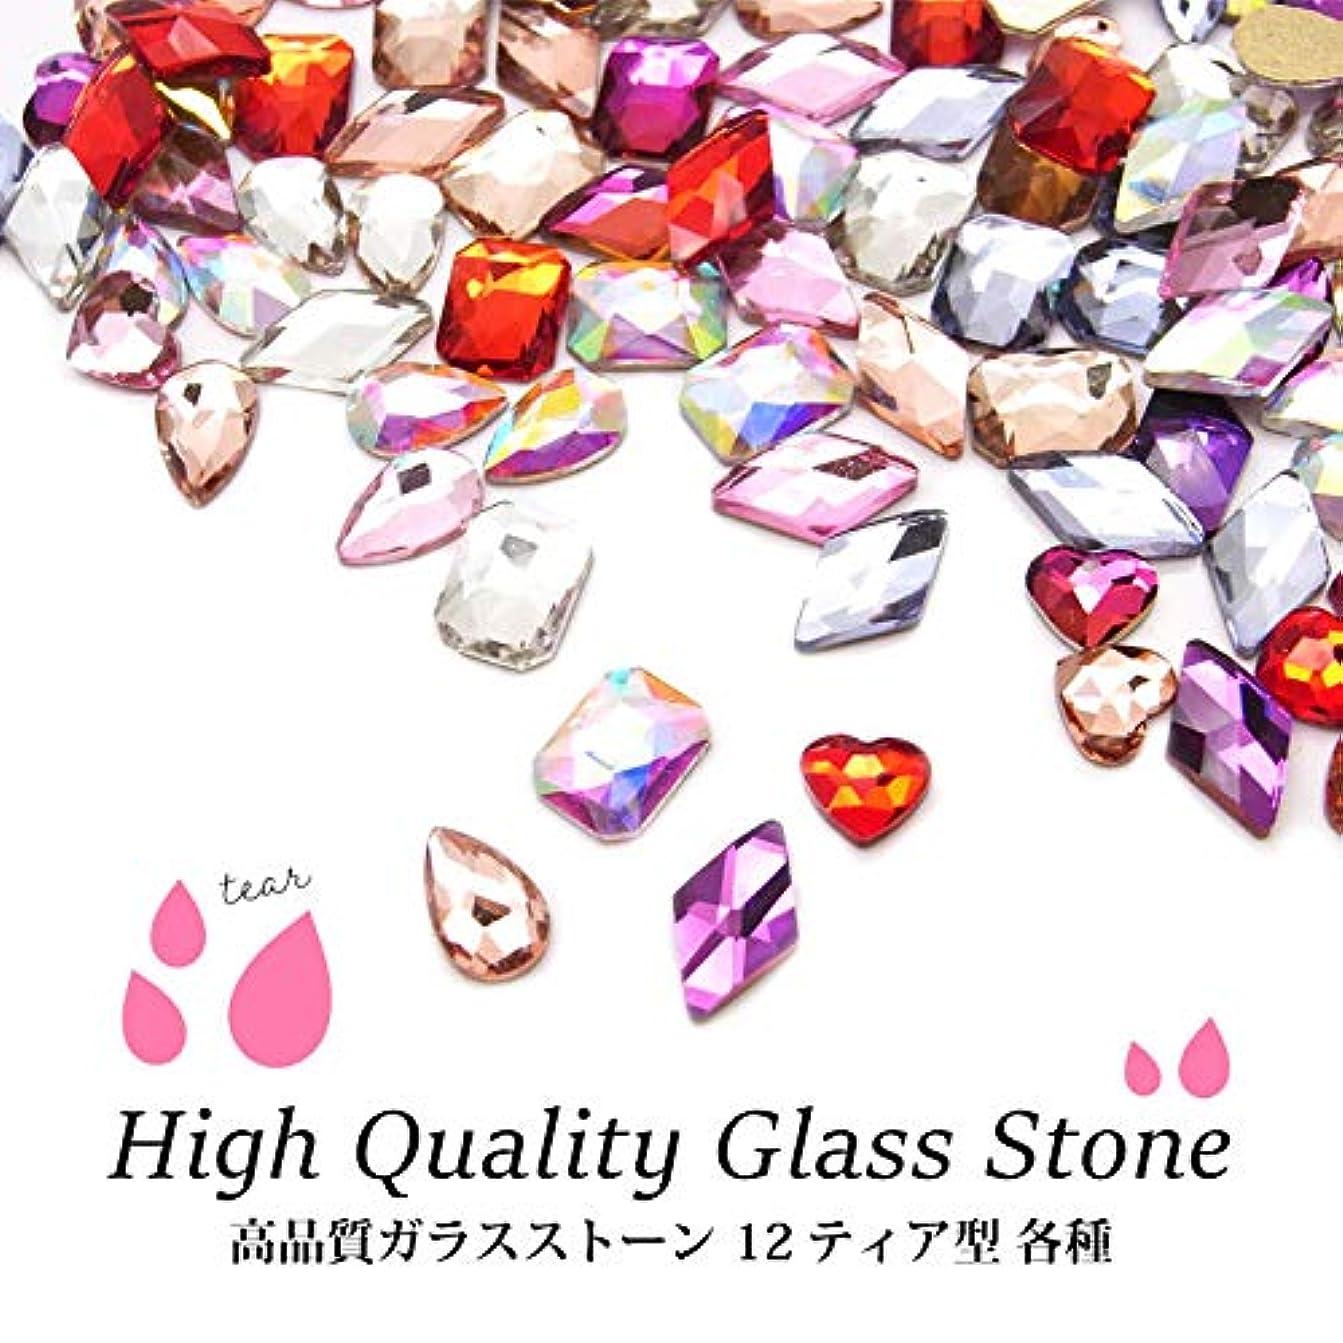 肌寒い投票ベルト高品質ガラスストーン 12 ティア型 各種 5個入り (2.クリスタルAB)